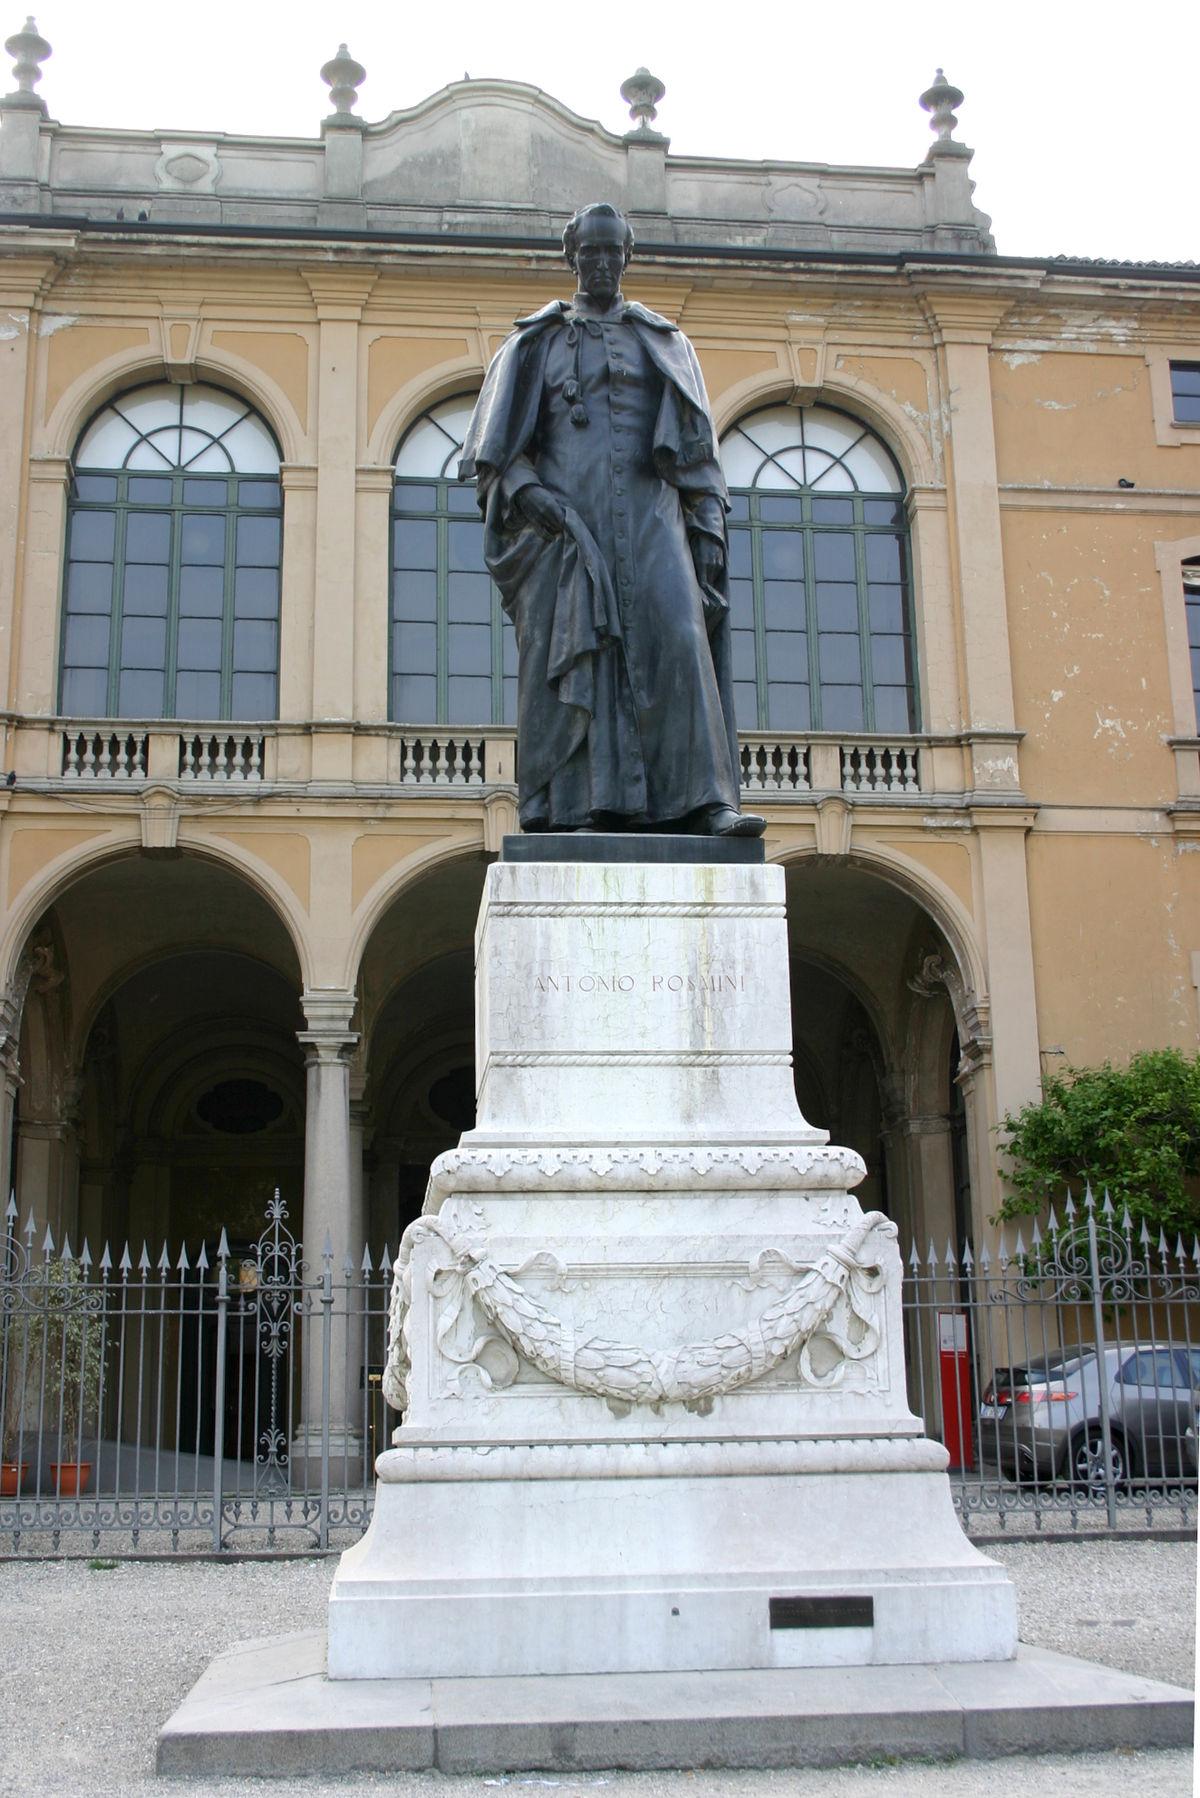 Istituto civico alessandro manzoni wikipedia for Istituto marangoni di milano